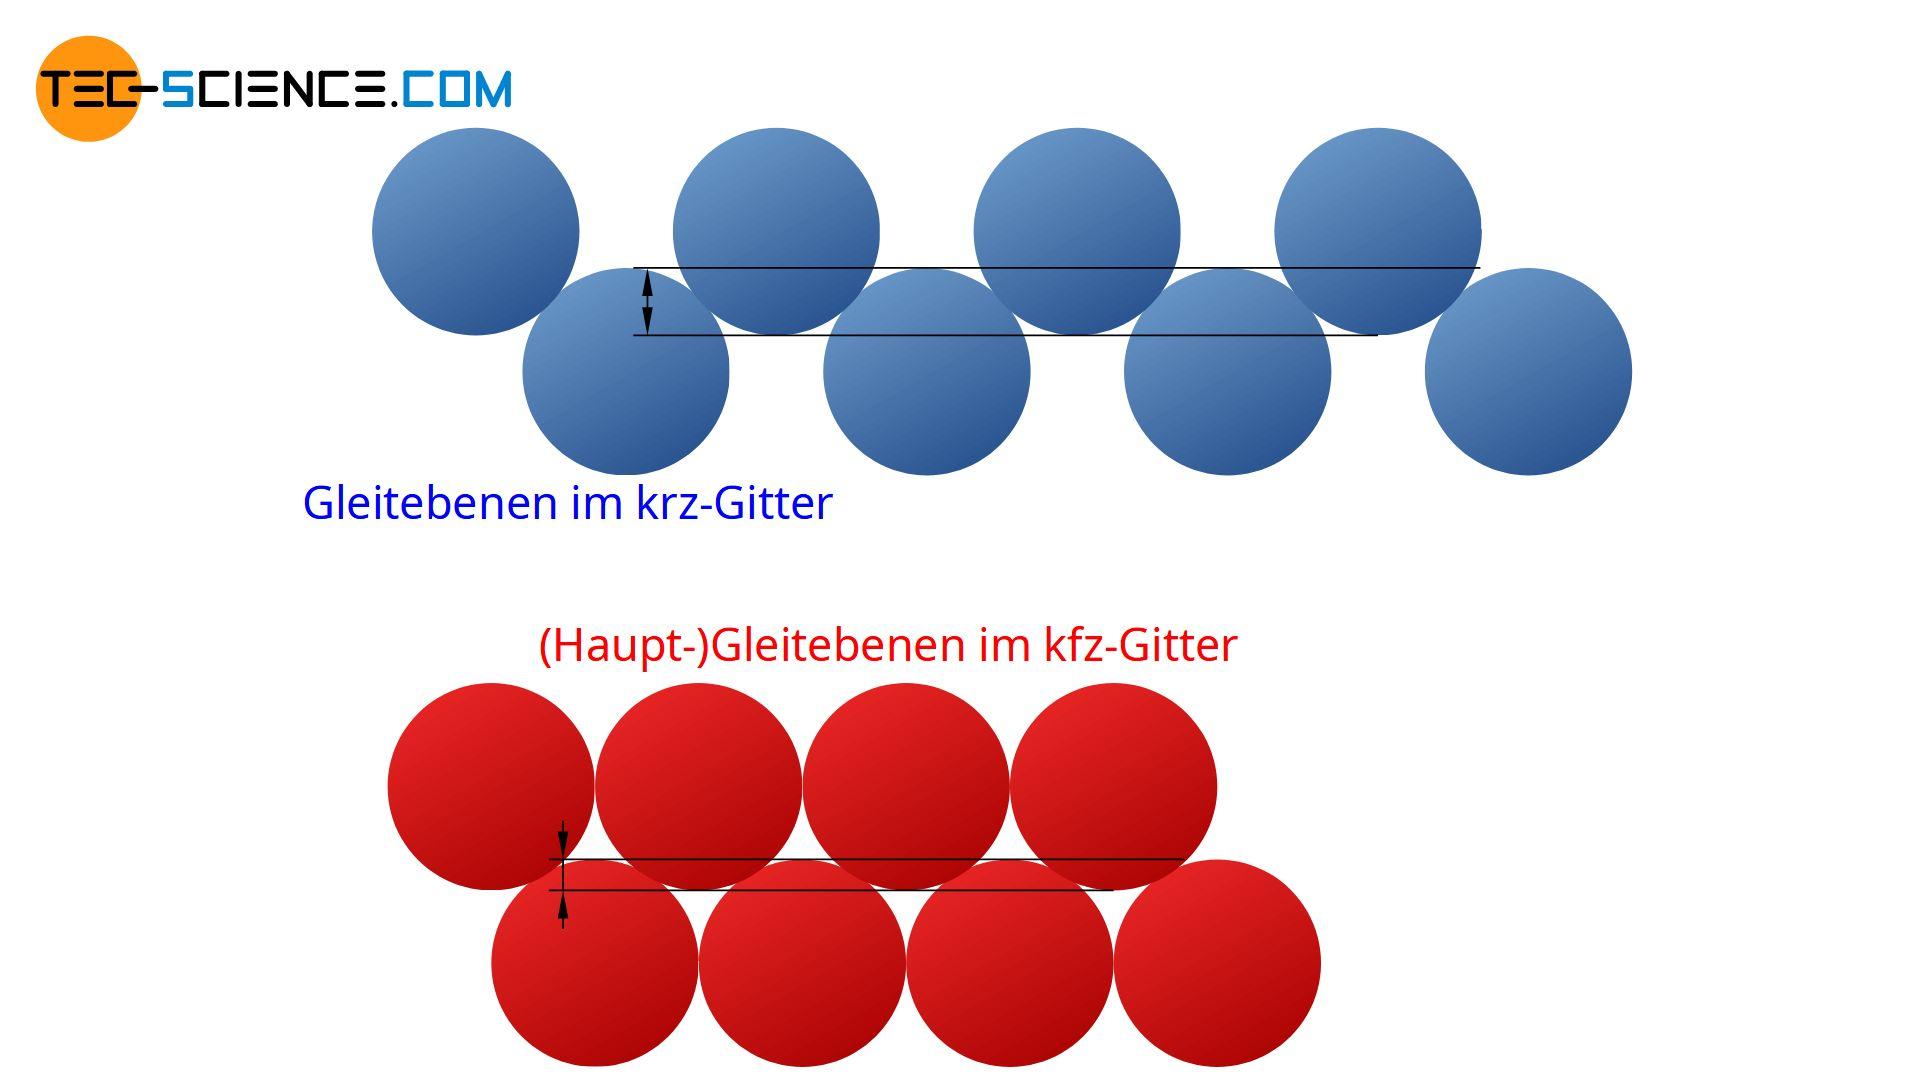 Vergleich der Gleitebenen im krz- und kfz-Gitter